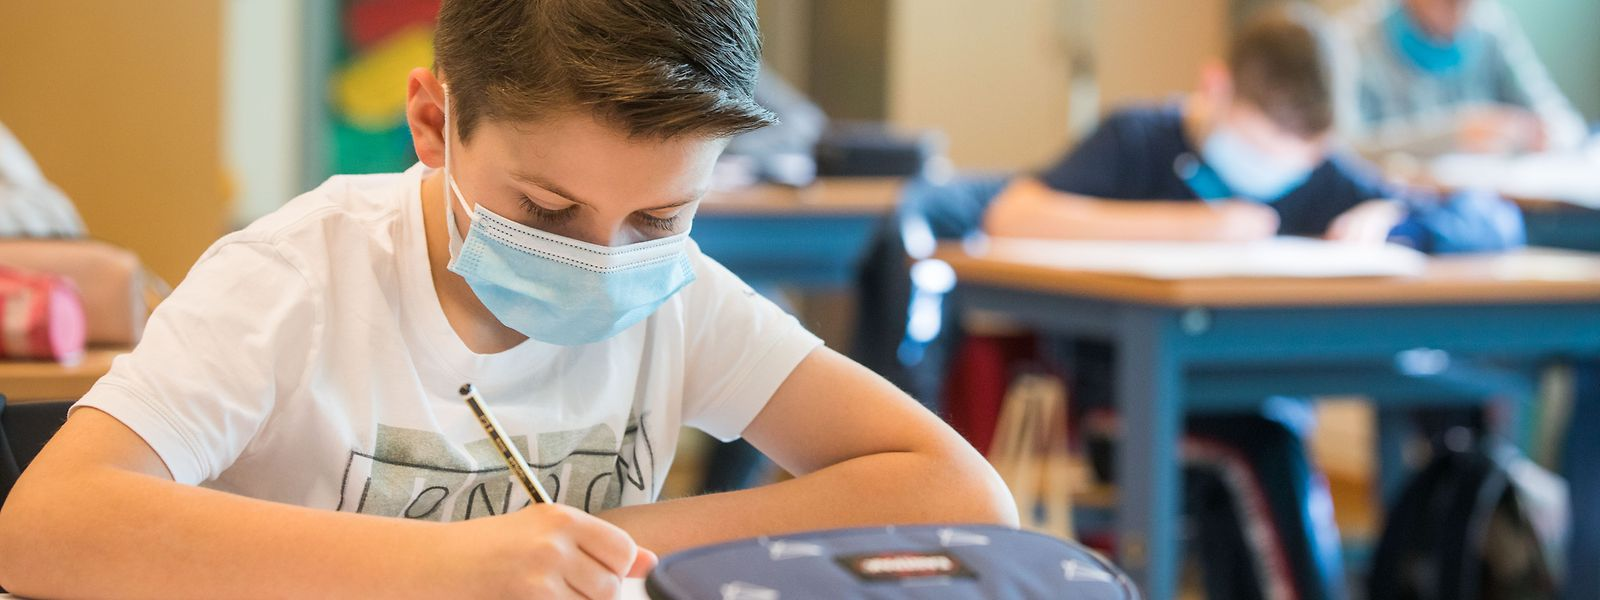 Les élèves présentant des difficultés dans l'une des trois matières que sont le français, l'allemand et les mathématiques pourront bénéficier du soutien scolaire corona